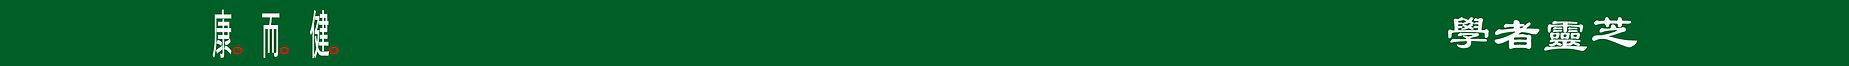 C&H landing page_LOGO in green bar.jpg